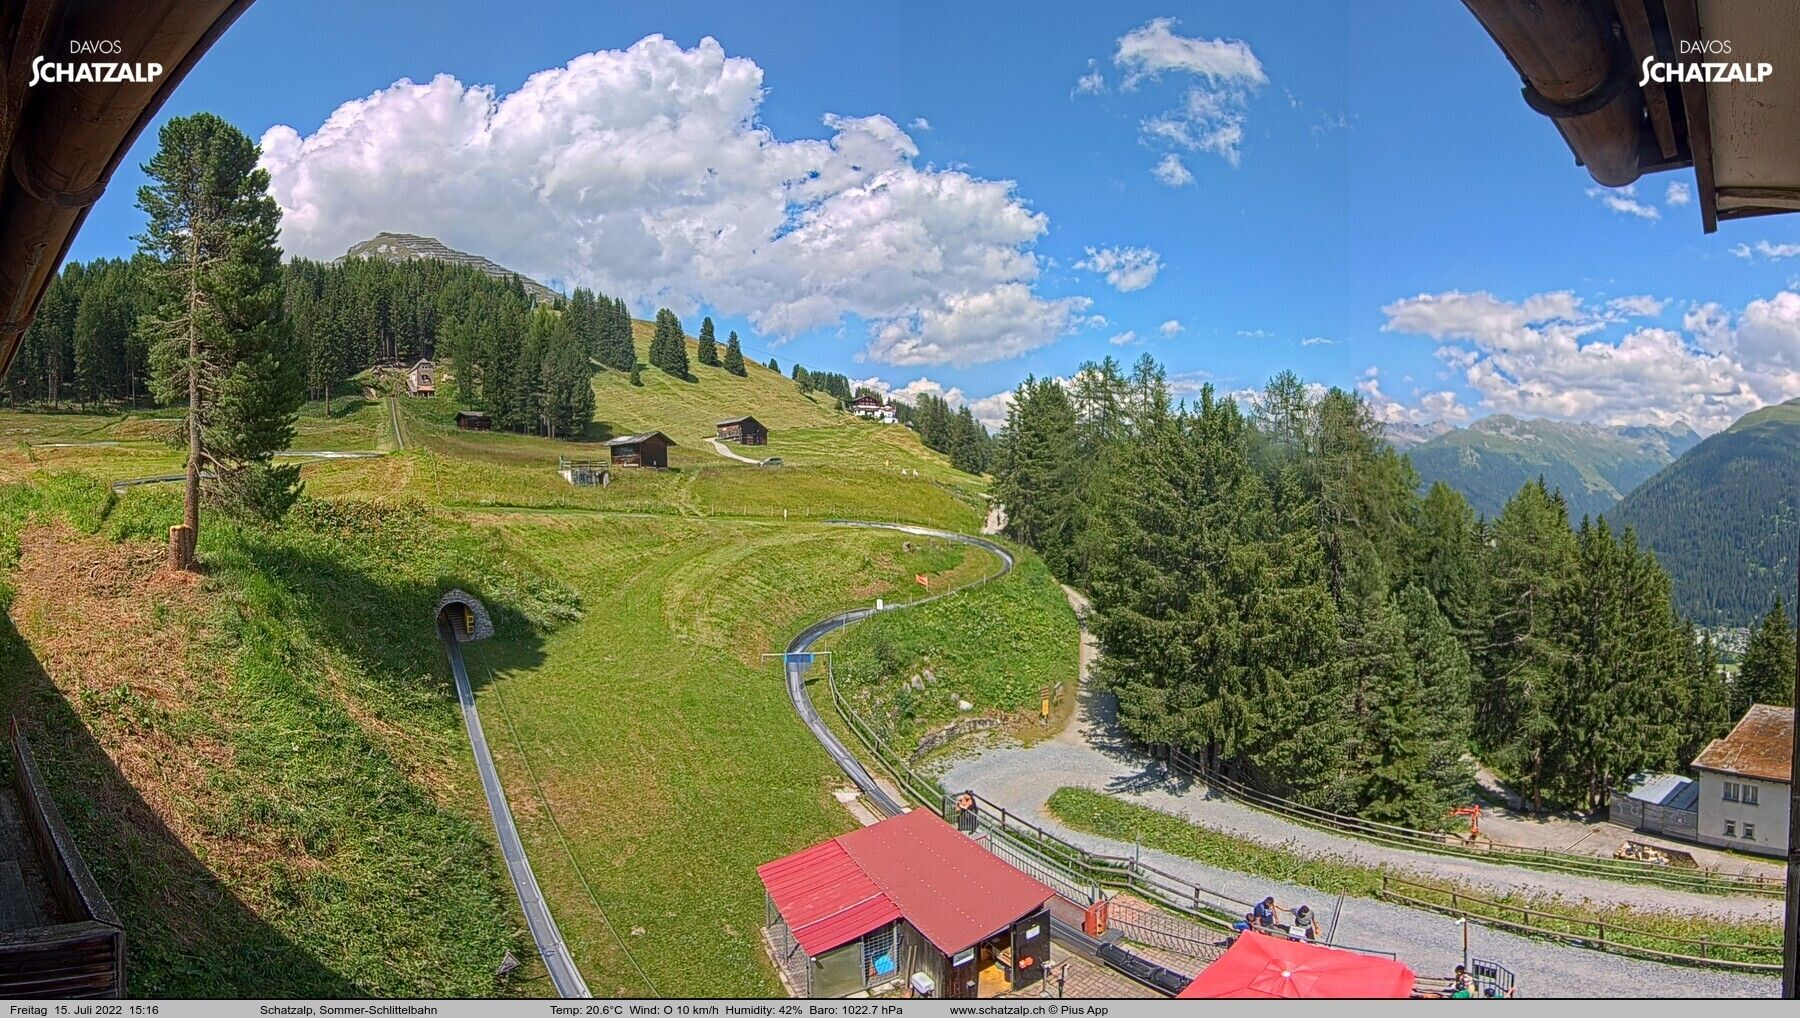 Davos: Sommer-Schlittelbahn, Blick zur Strelaalp